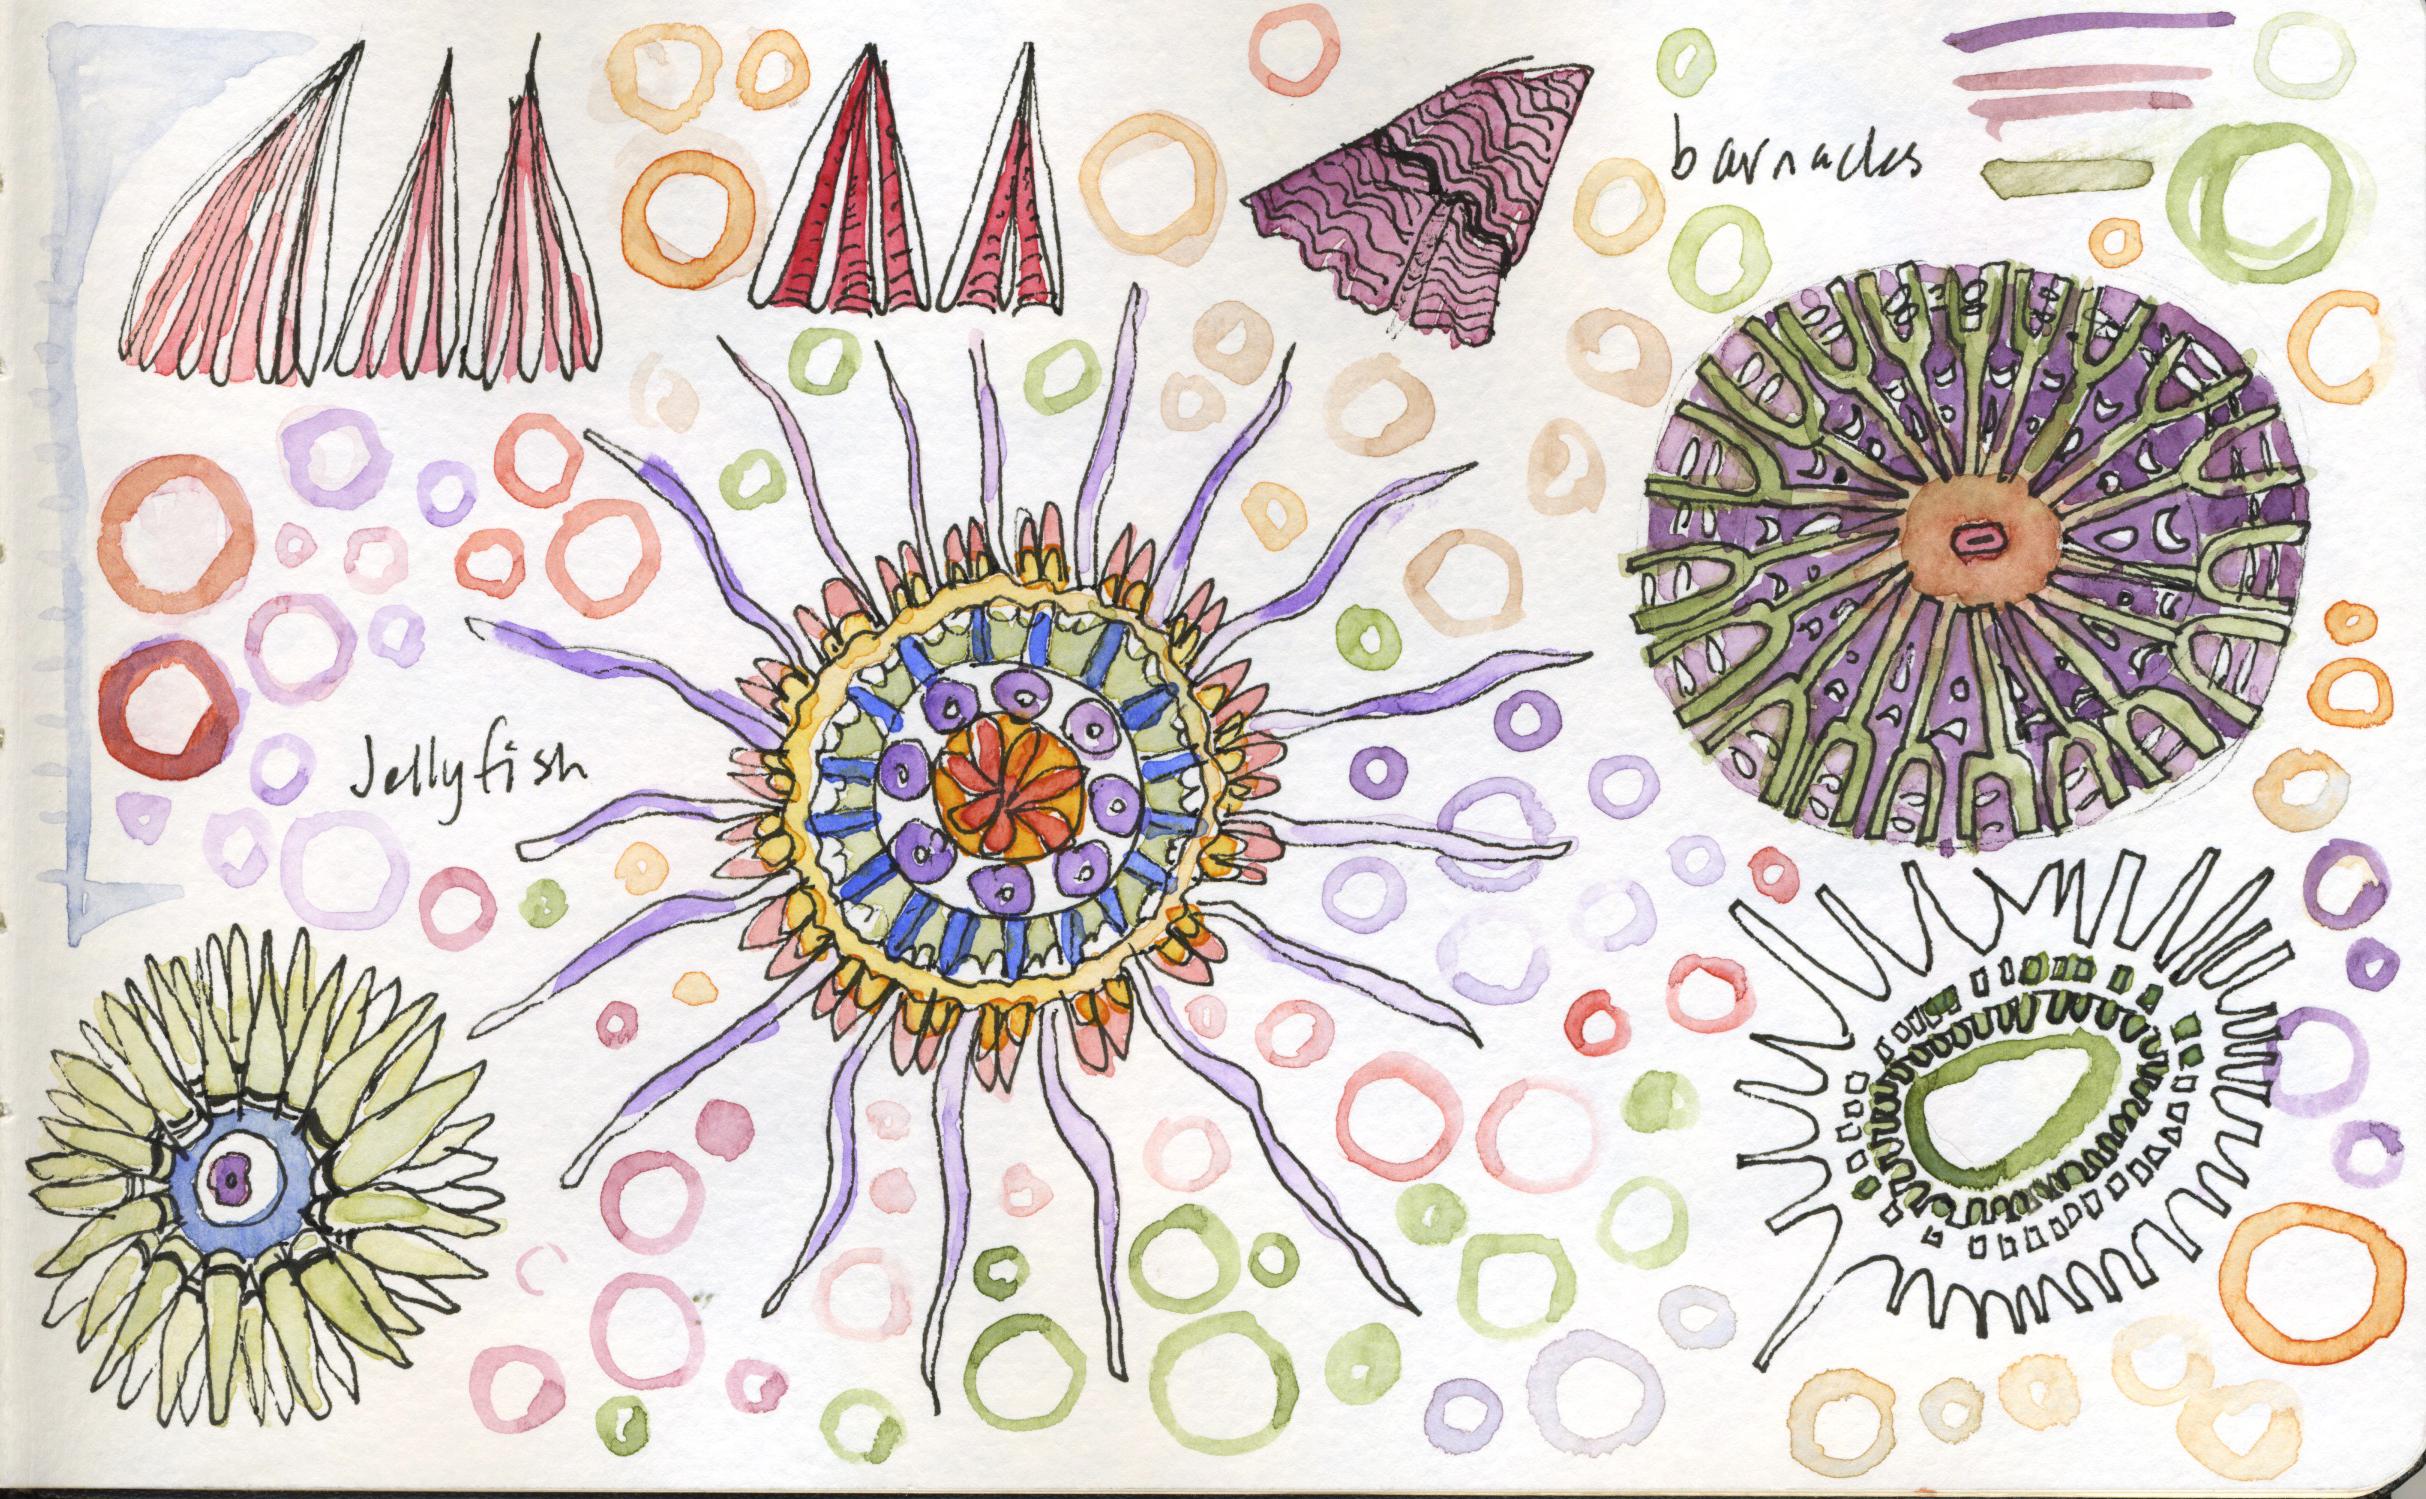 jellyfishbarnacles